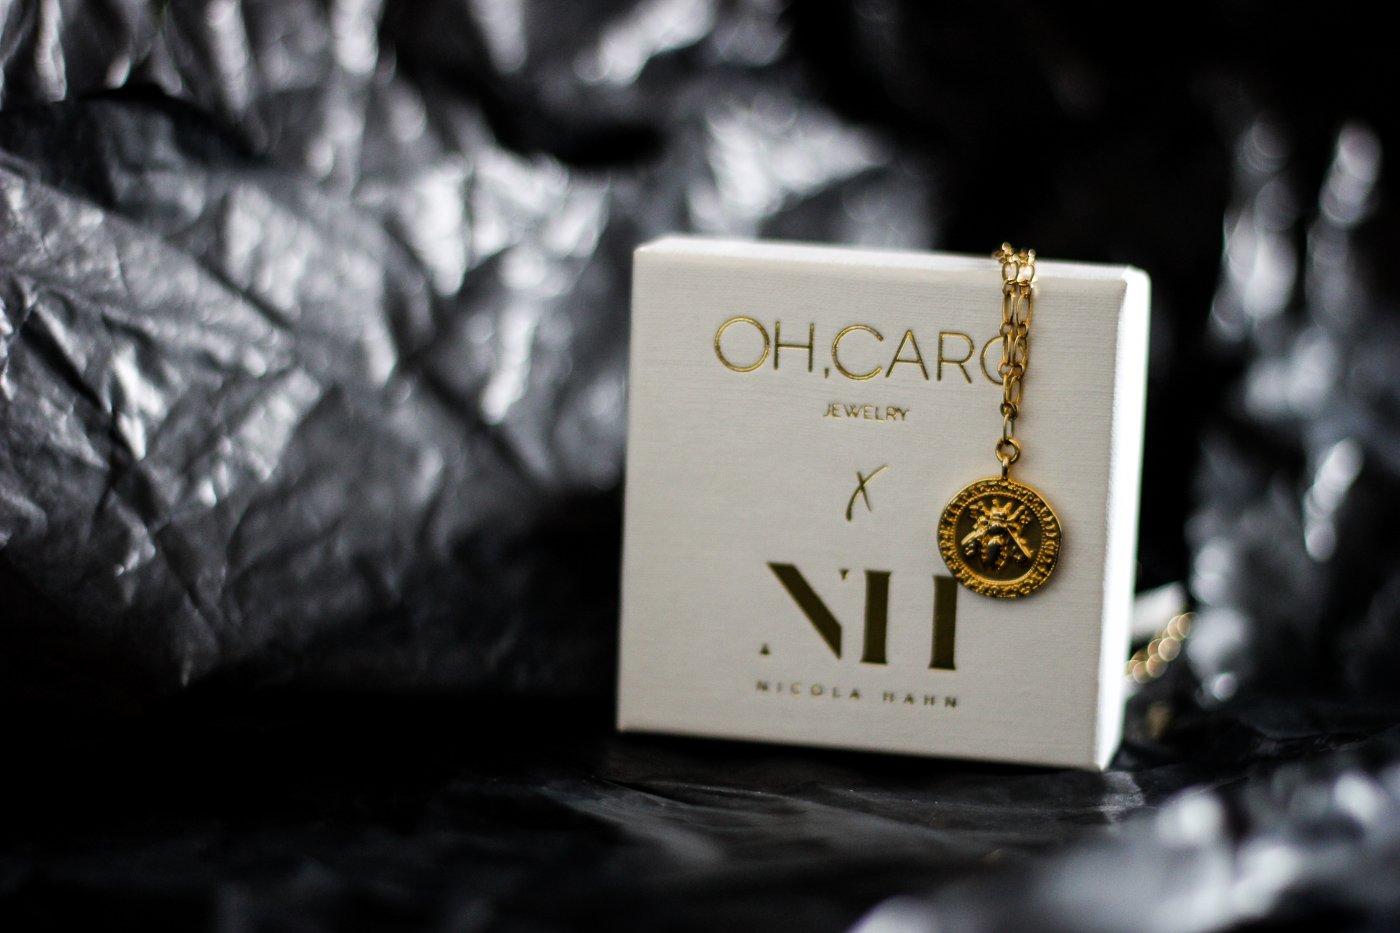 conny doll lifestyle: Zusammenarbeit Nicola Hahn und OHCaro Jewelry, Halskette, gold, Münze